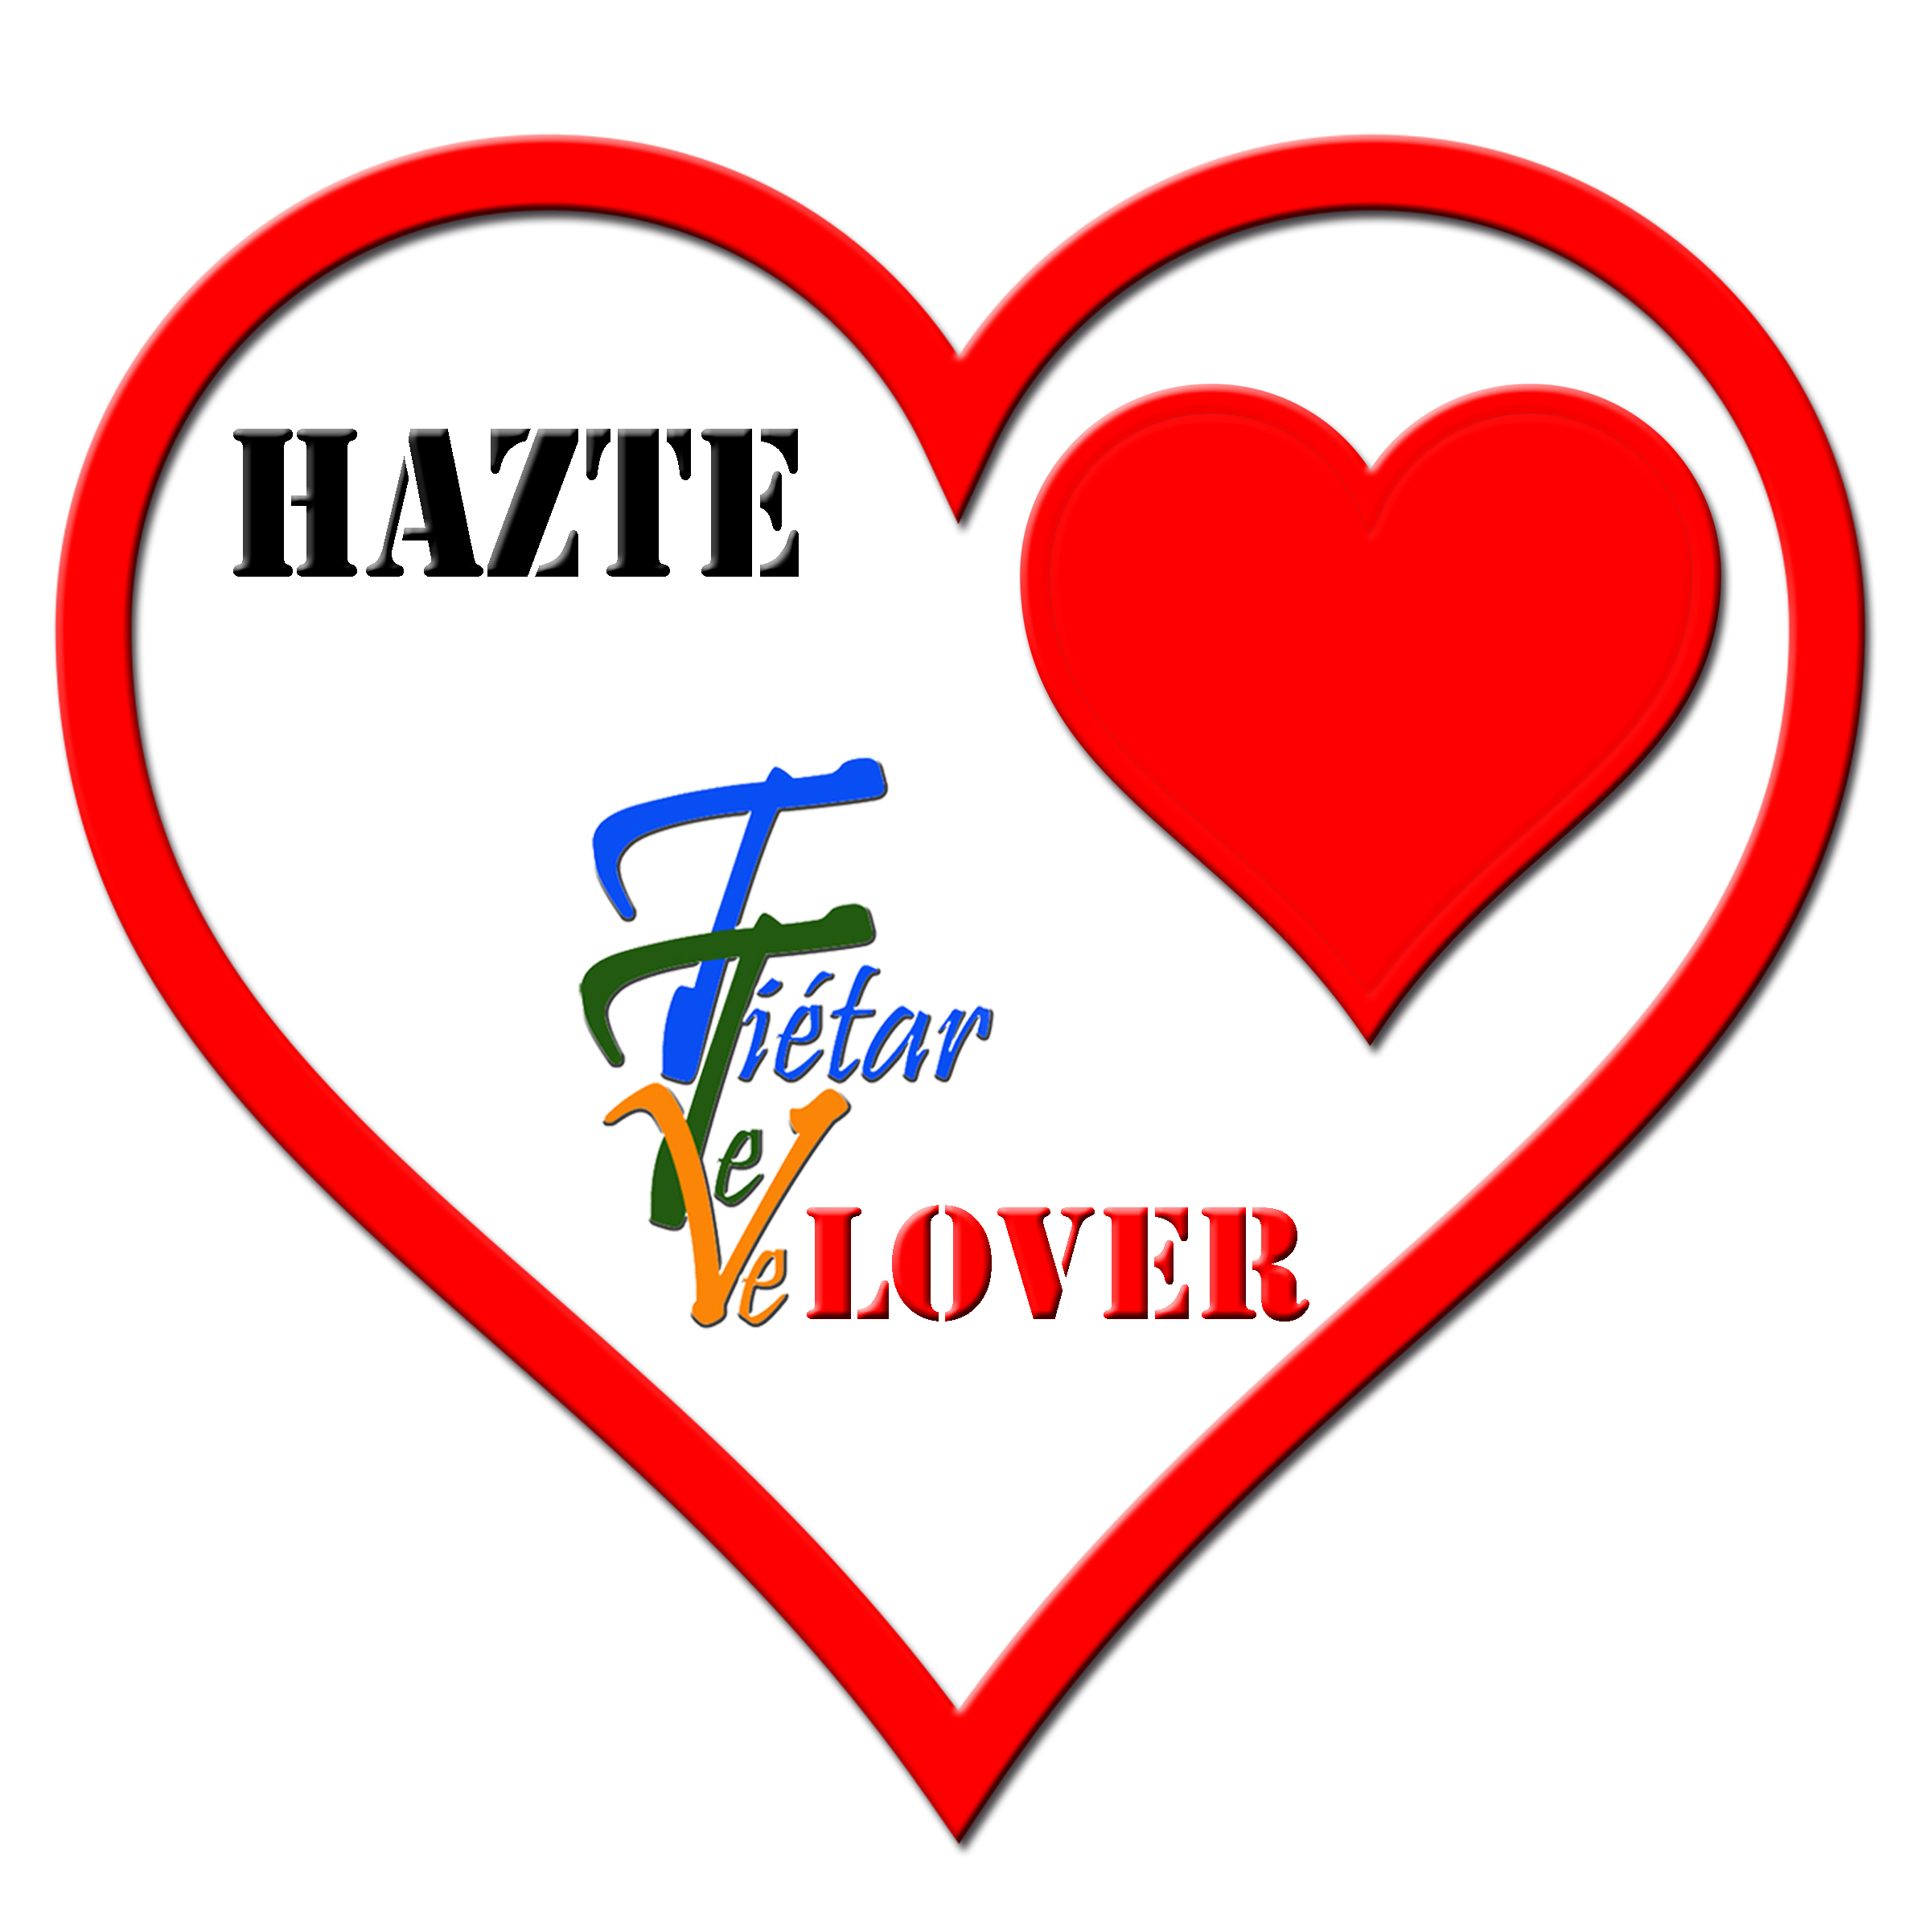 Hazte TiétarTeVe Lover - TiétarTeVe